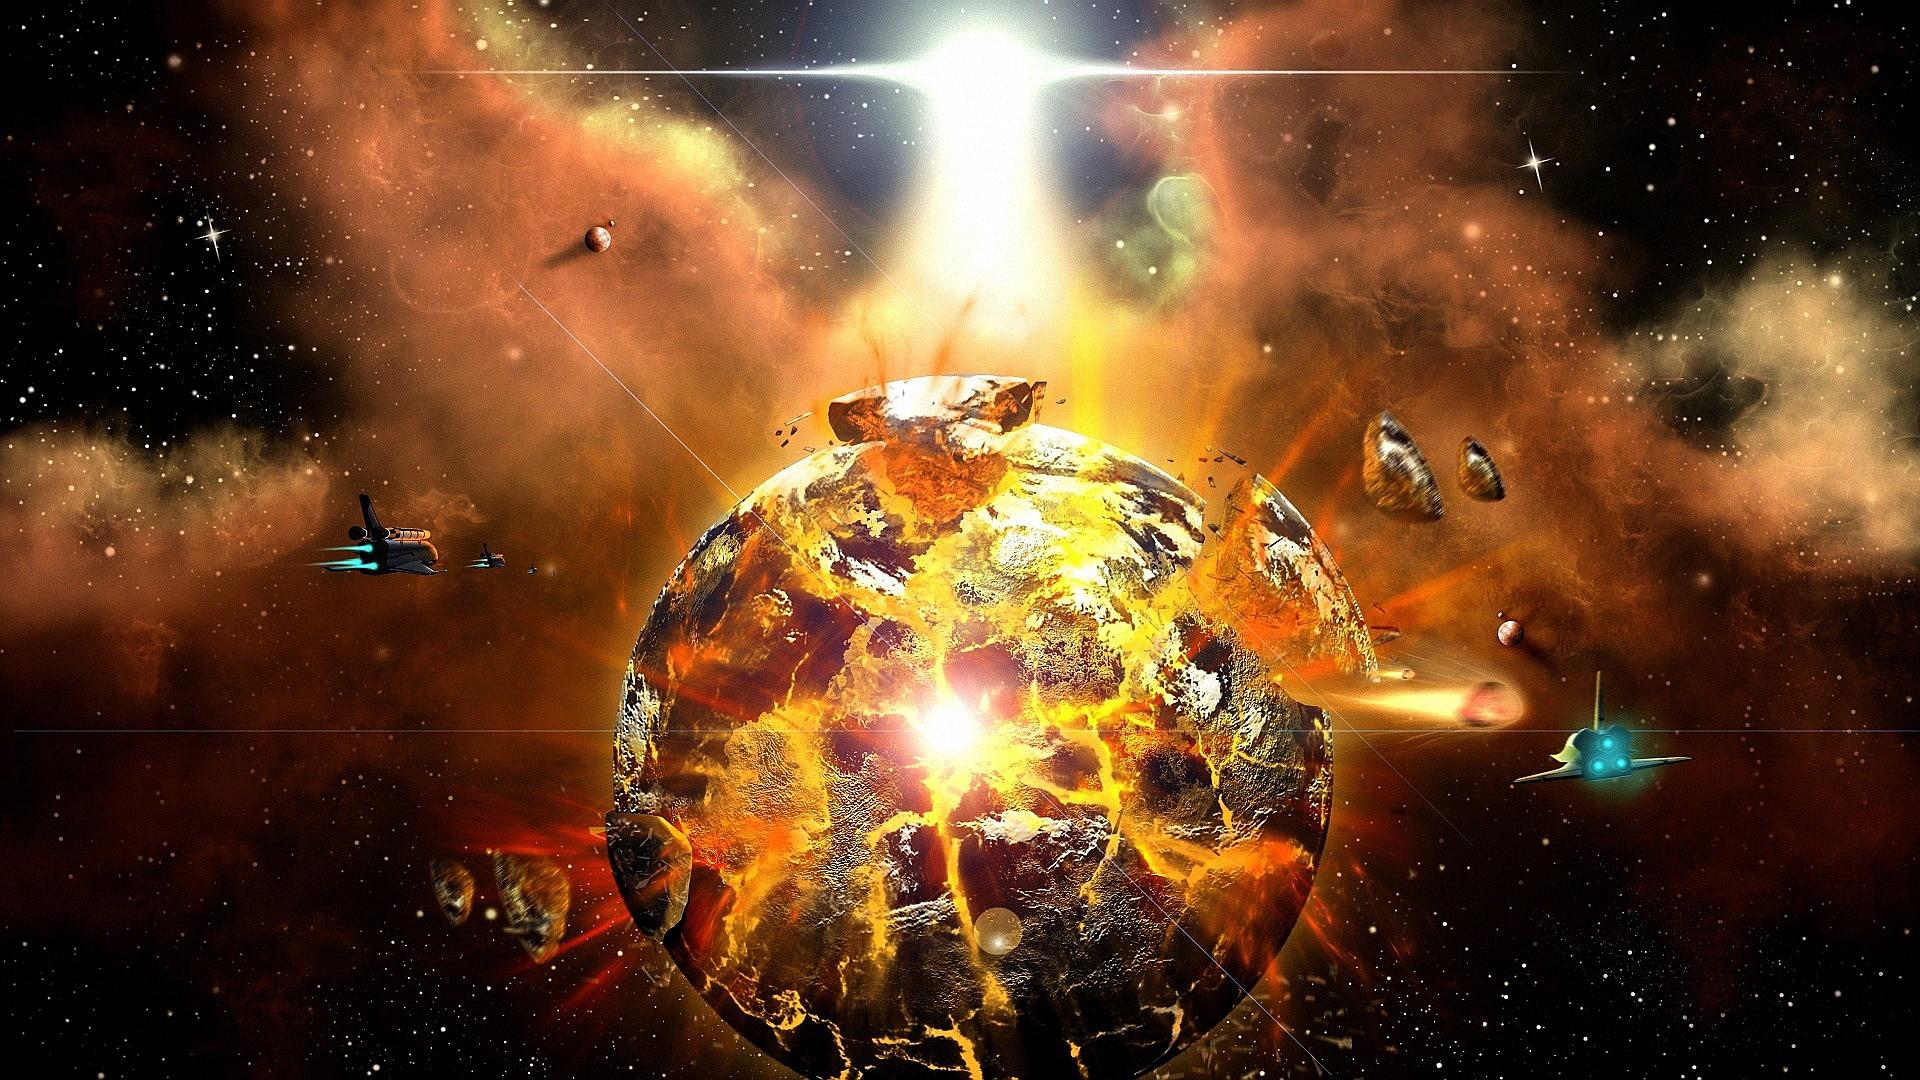 Обои Взрывающаяся планета картинки на рабочий стол на тему Космос - скачать бесплатно